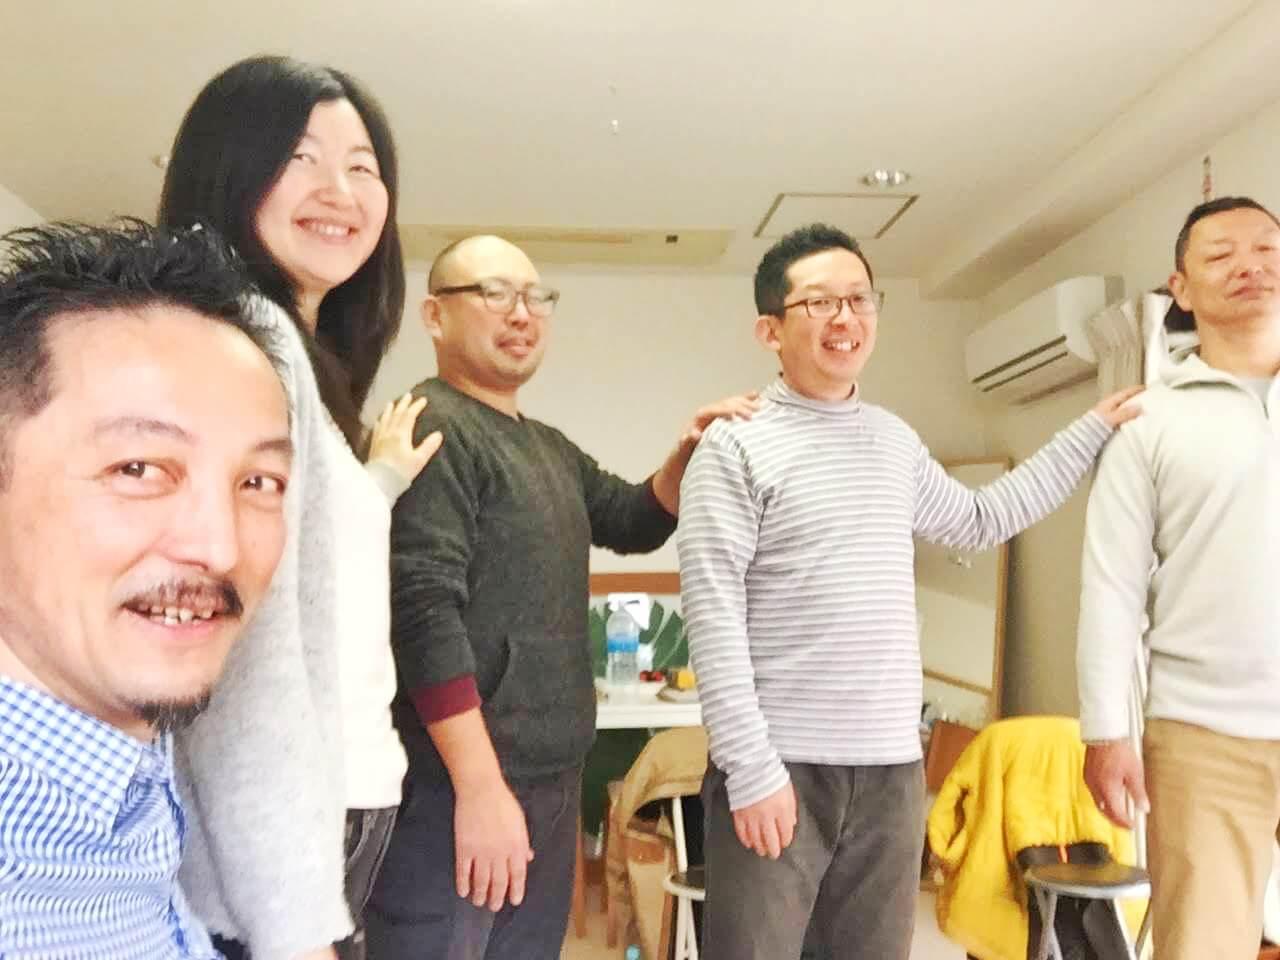 タッチフォーヘルス キネシオロジー セミナー 東京 神奈川 静岡